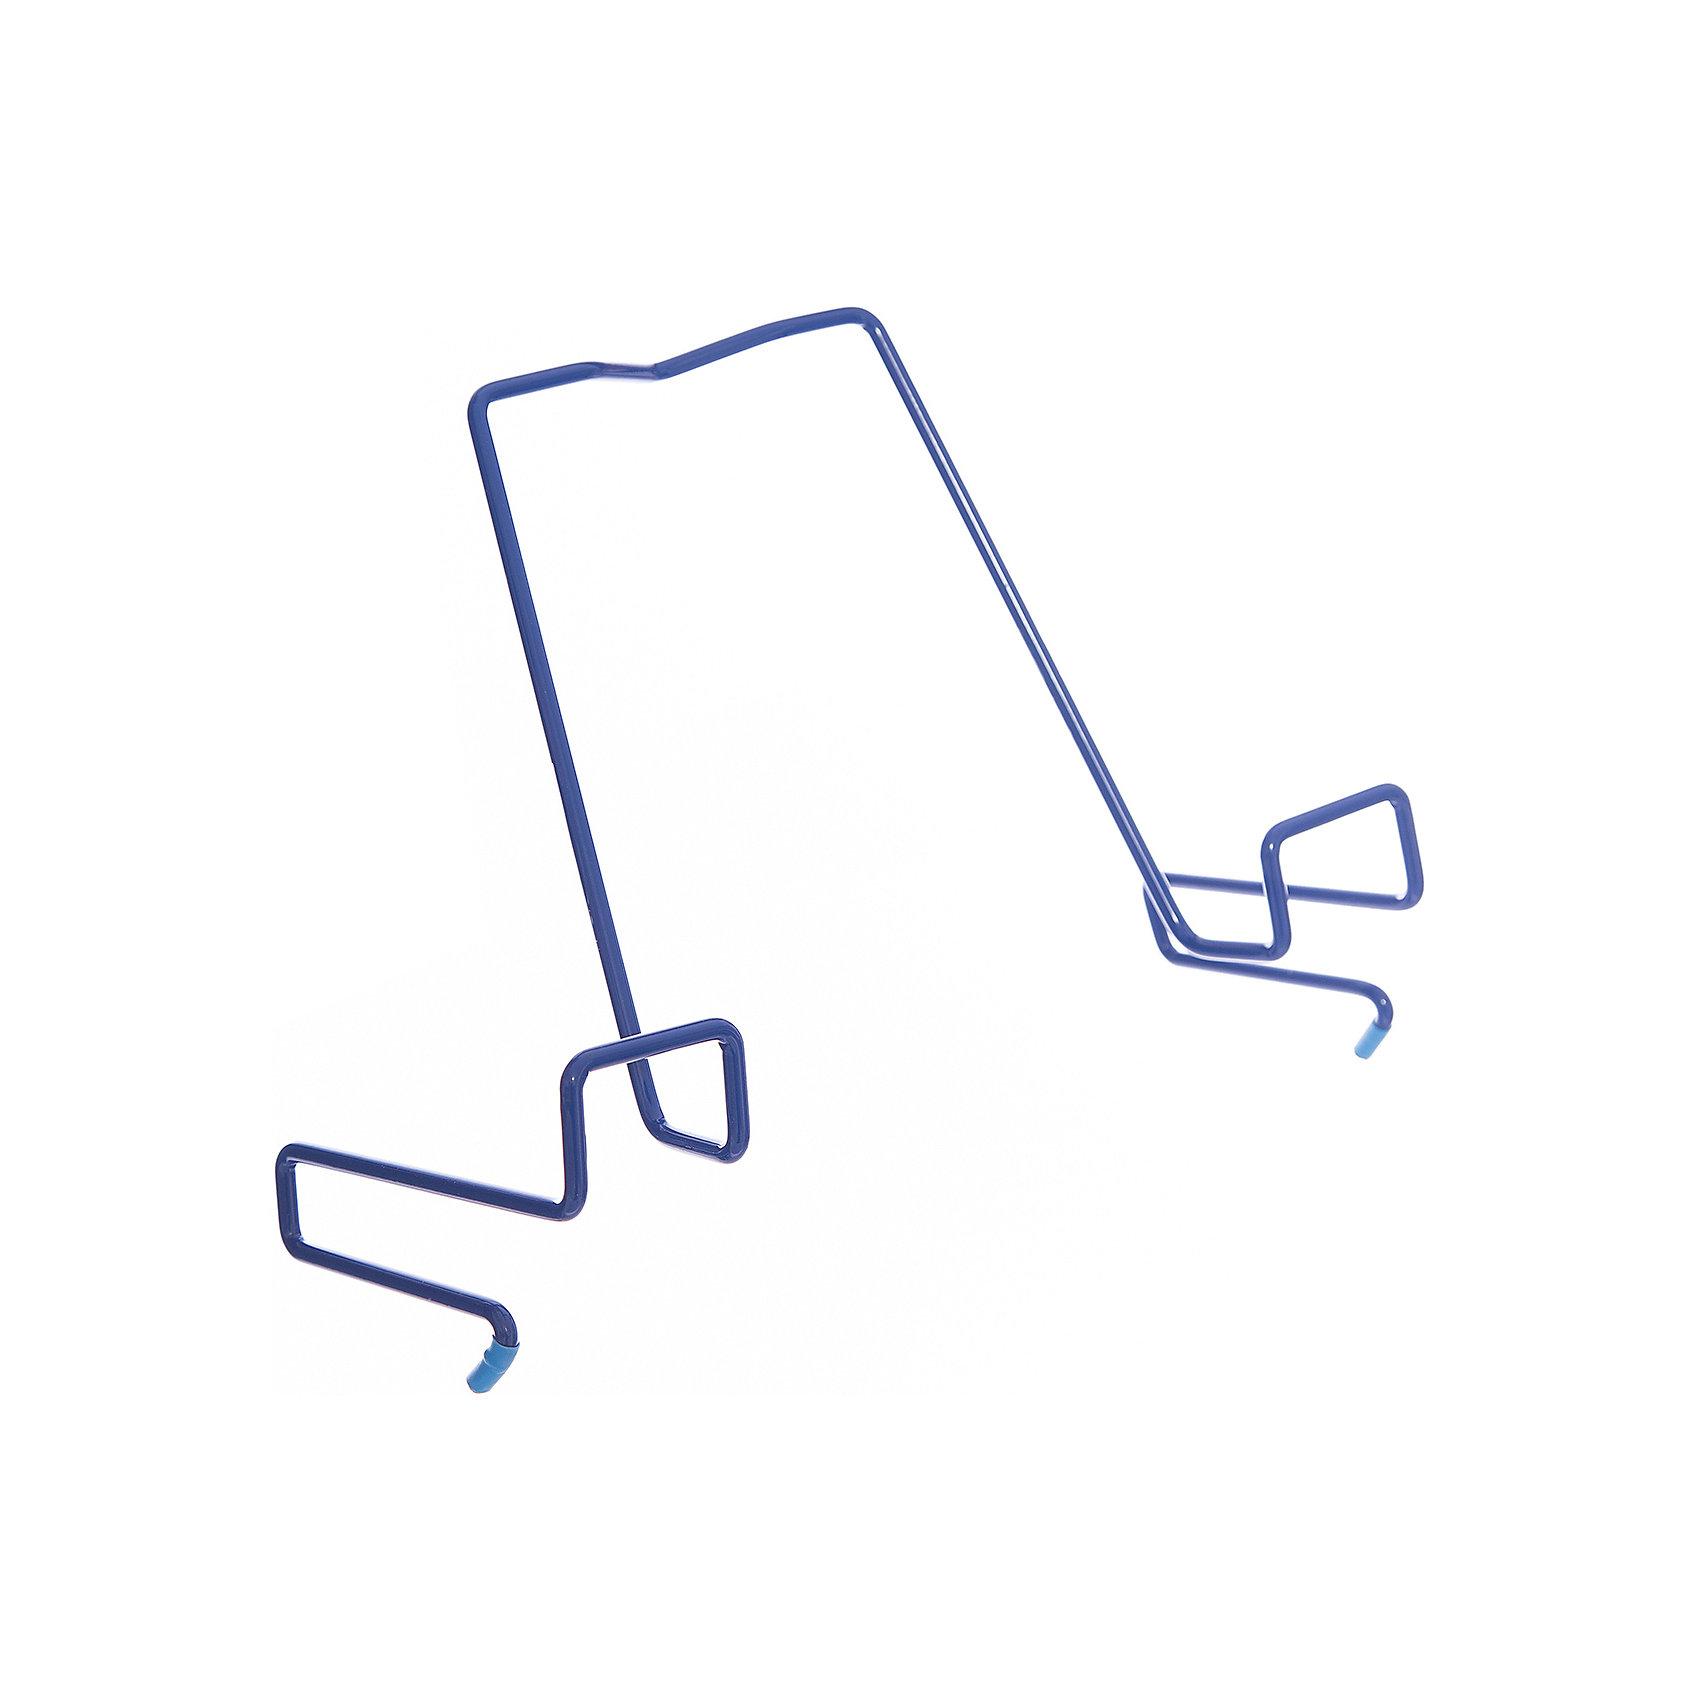 Подставка для книг металлическая ПДК.02, Дэми, синий